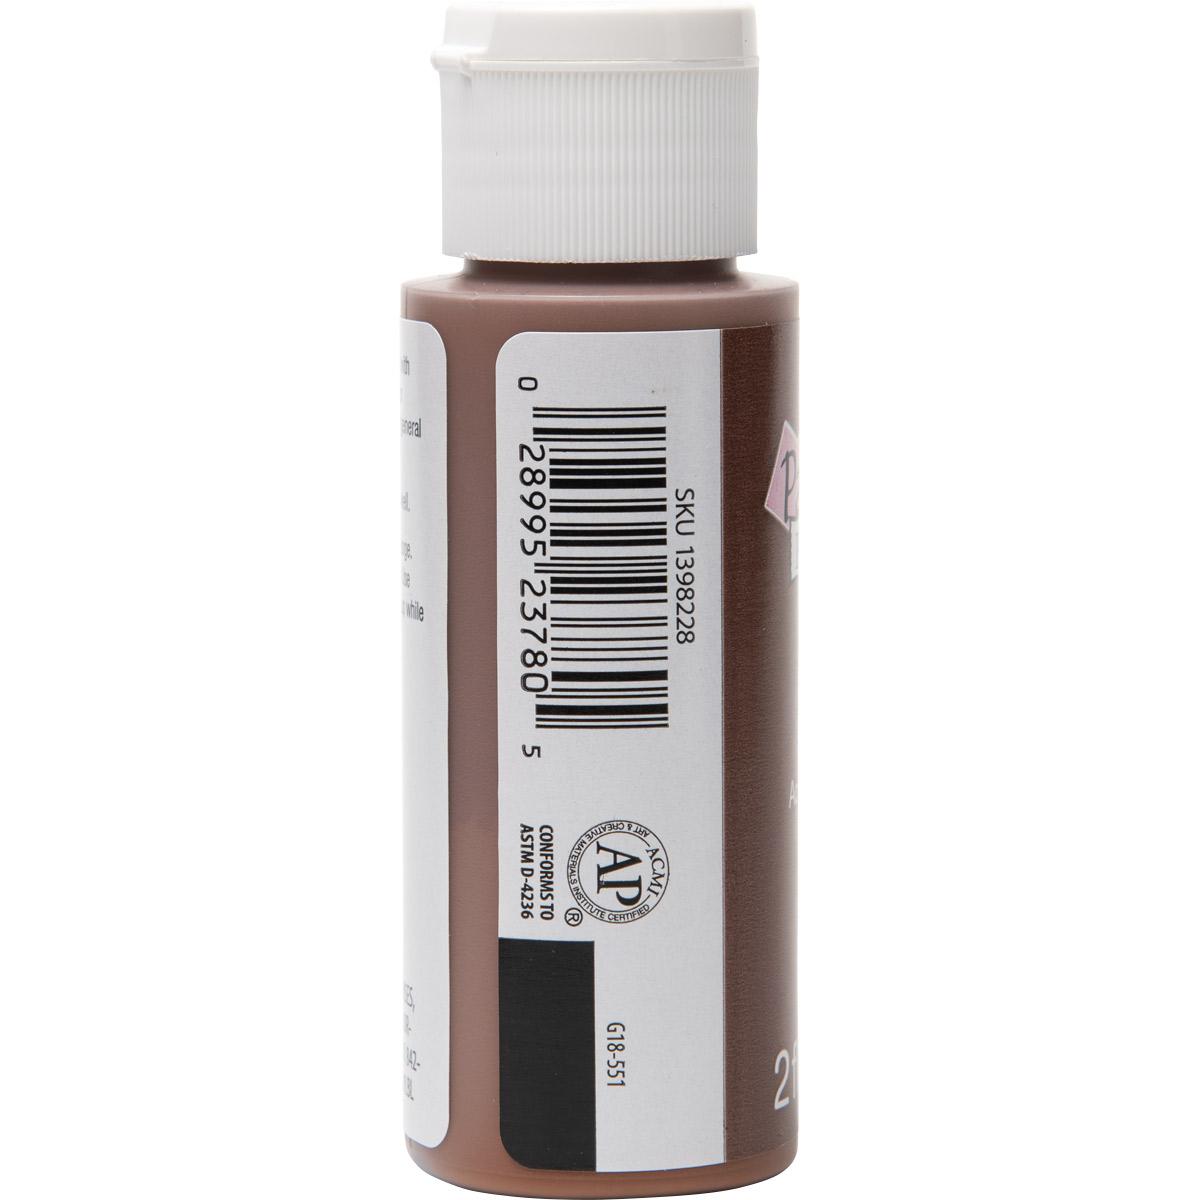 Plaid ® Painter's Palette™ Acrylic Paint - Brown, 2 oz.